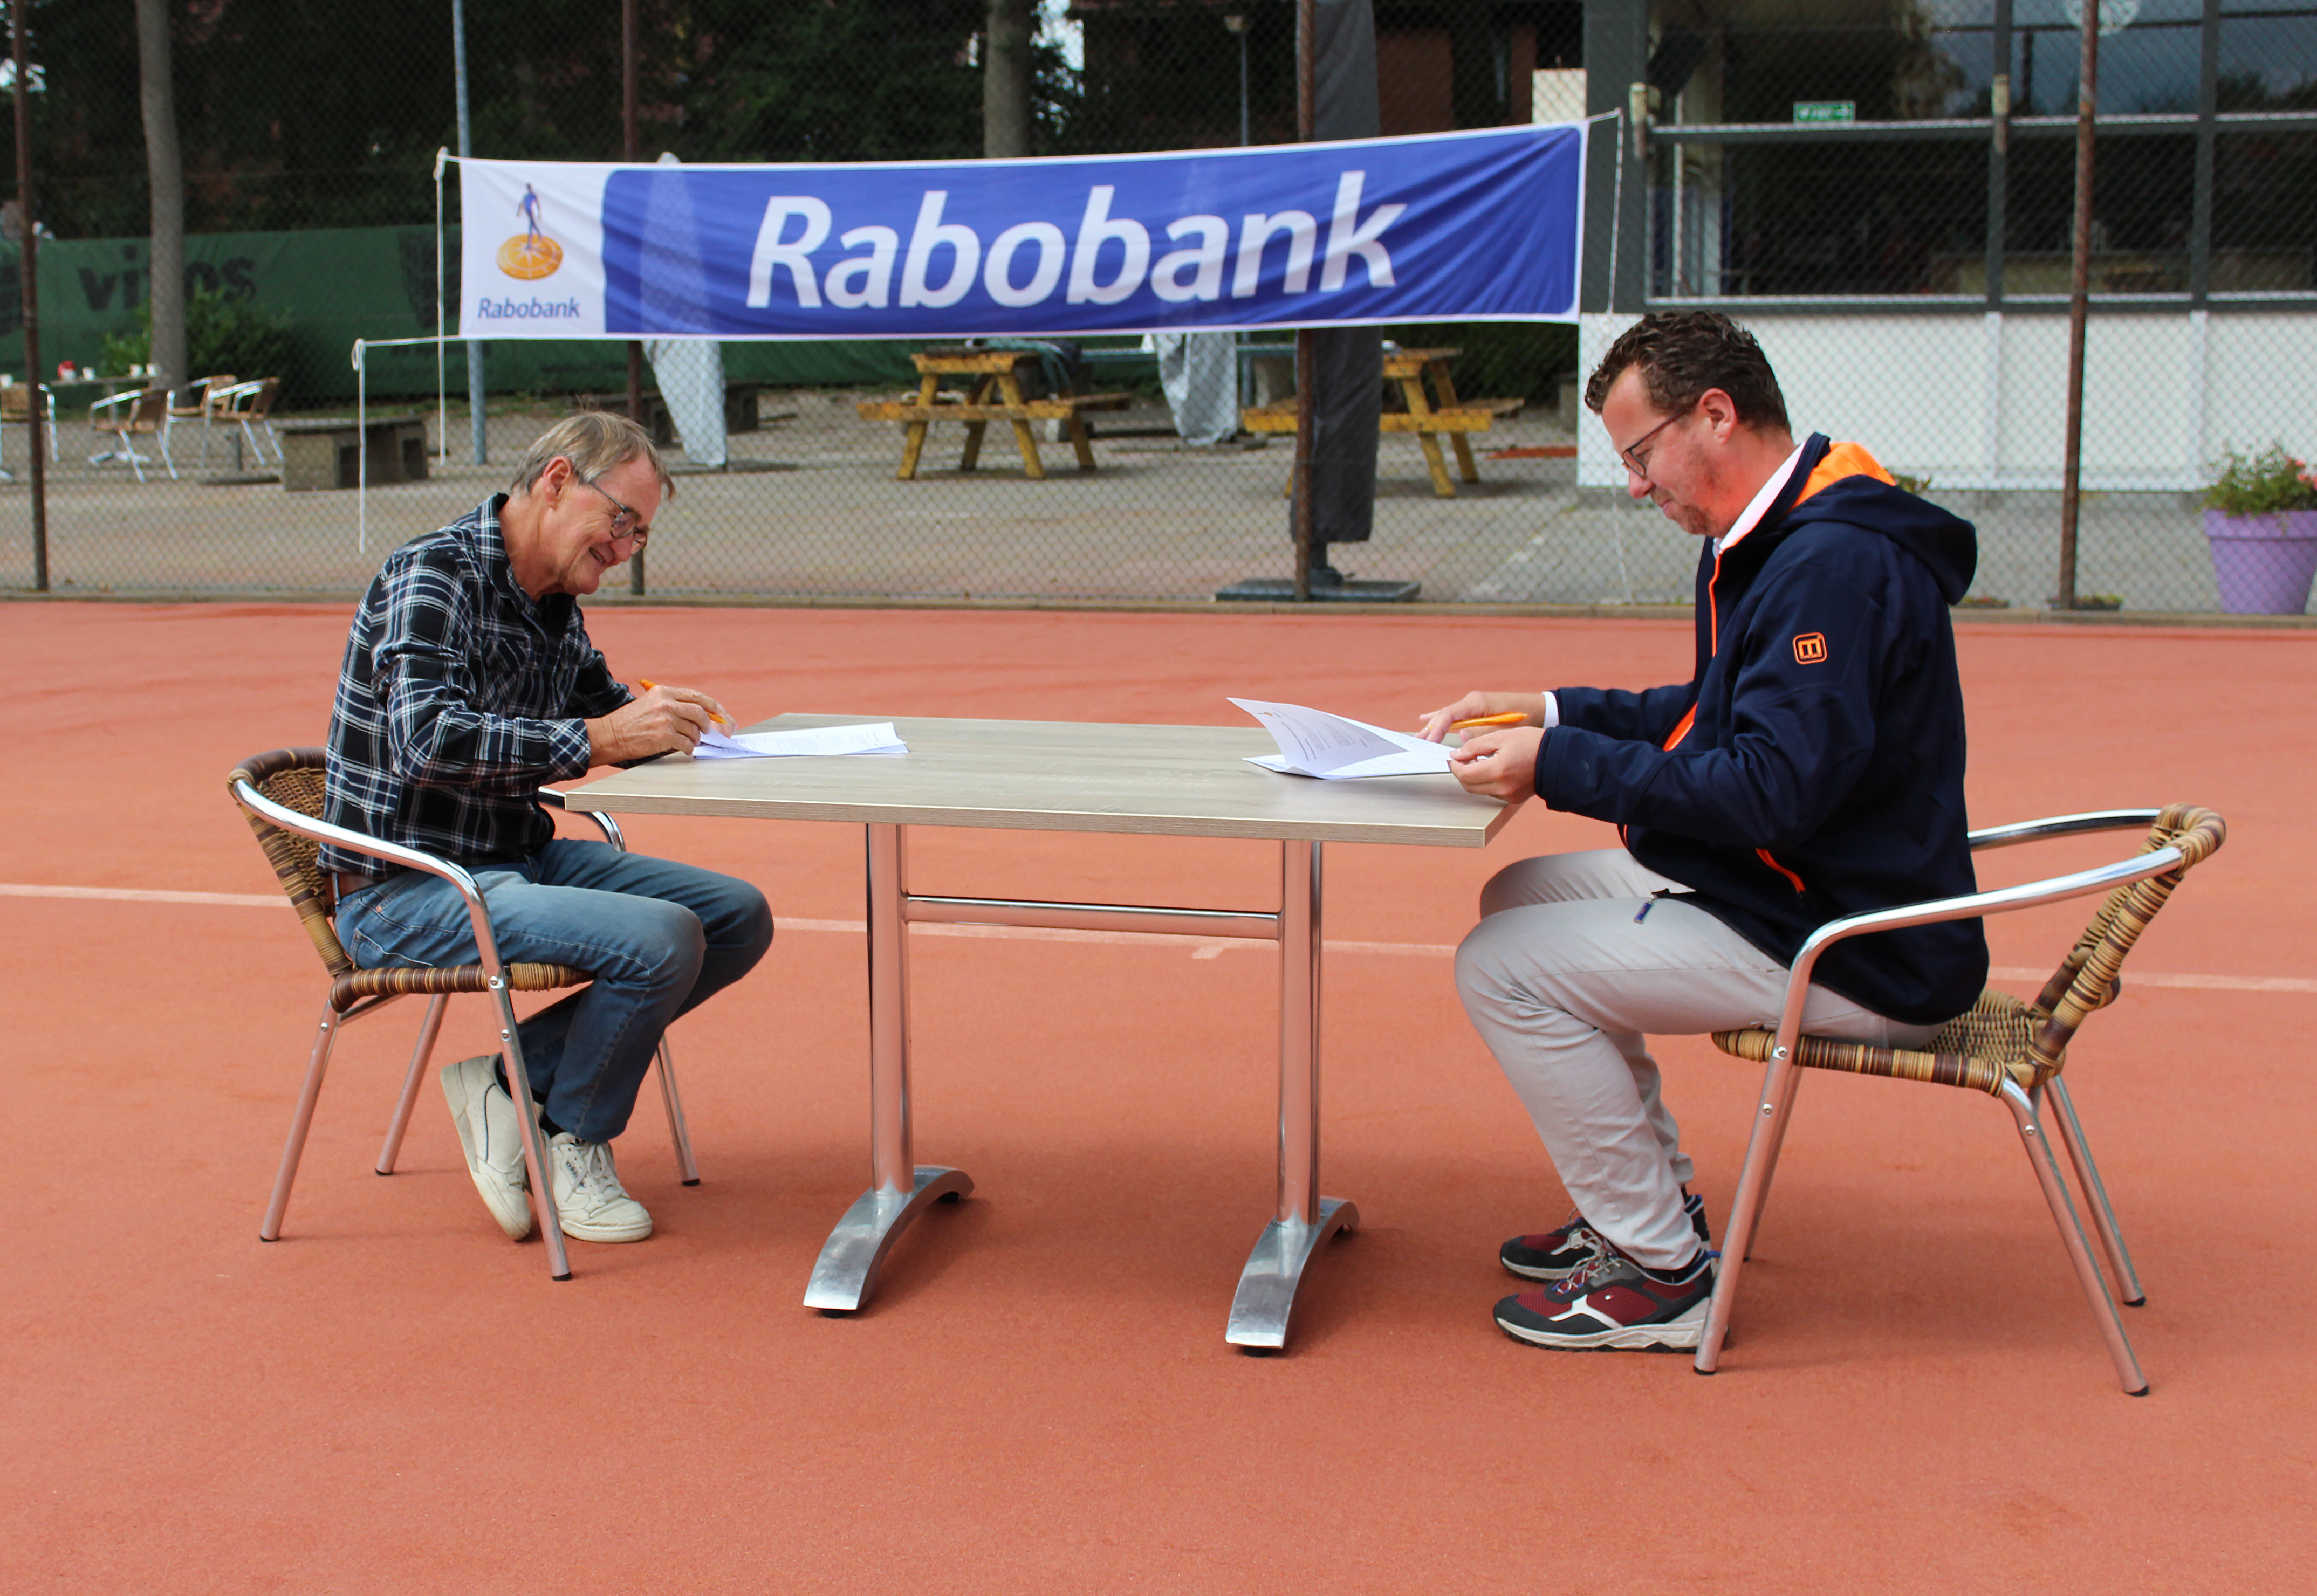 Sponsoring Rabobank